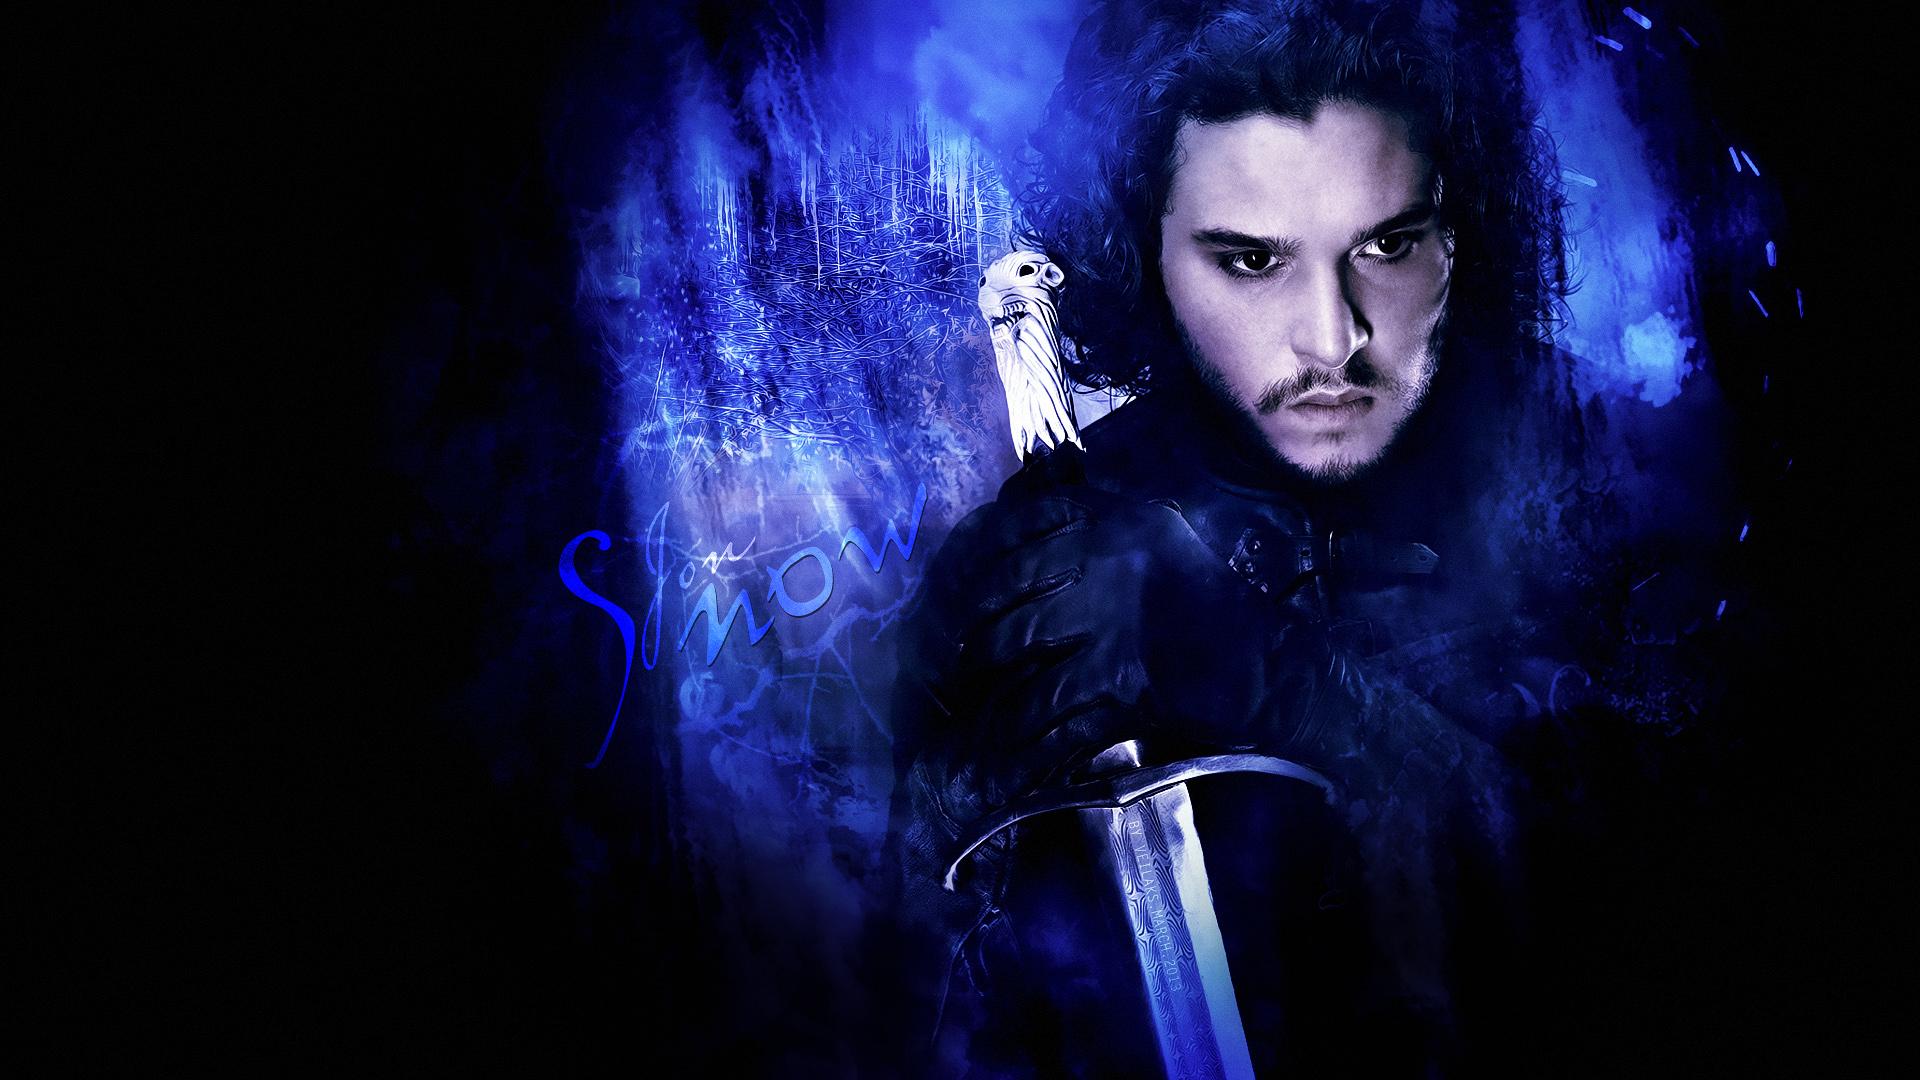 Game Of Thrones Jon Snow Hd Wallpaper Flip Wallpapers Download 1920x1080